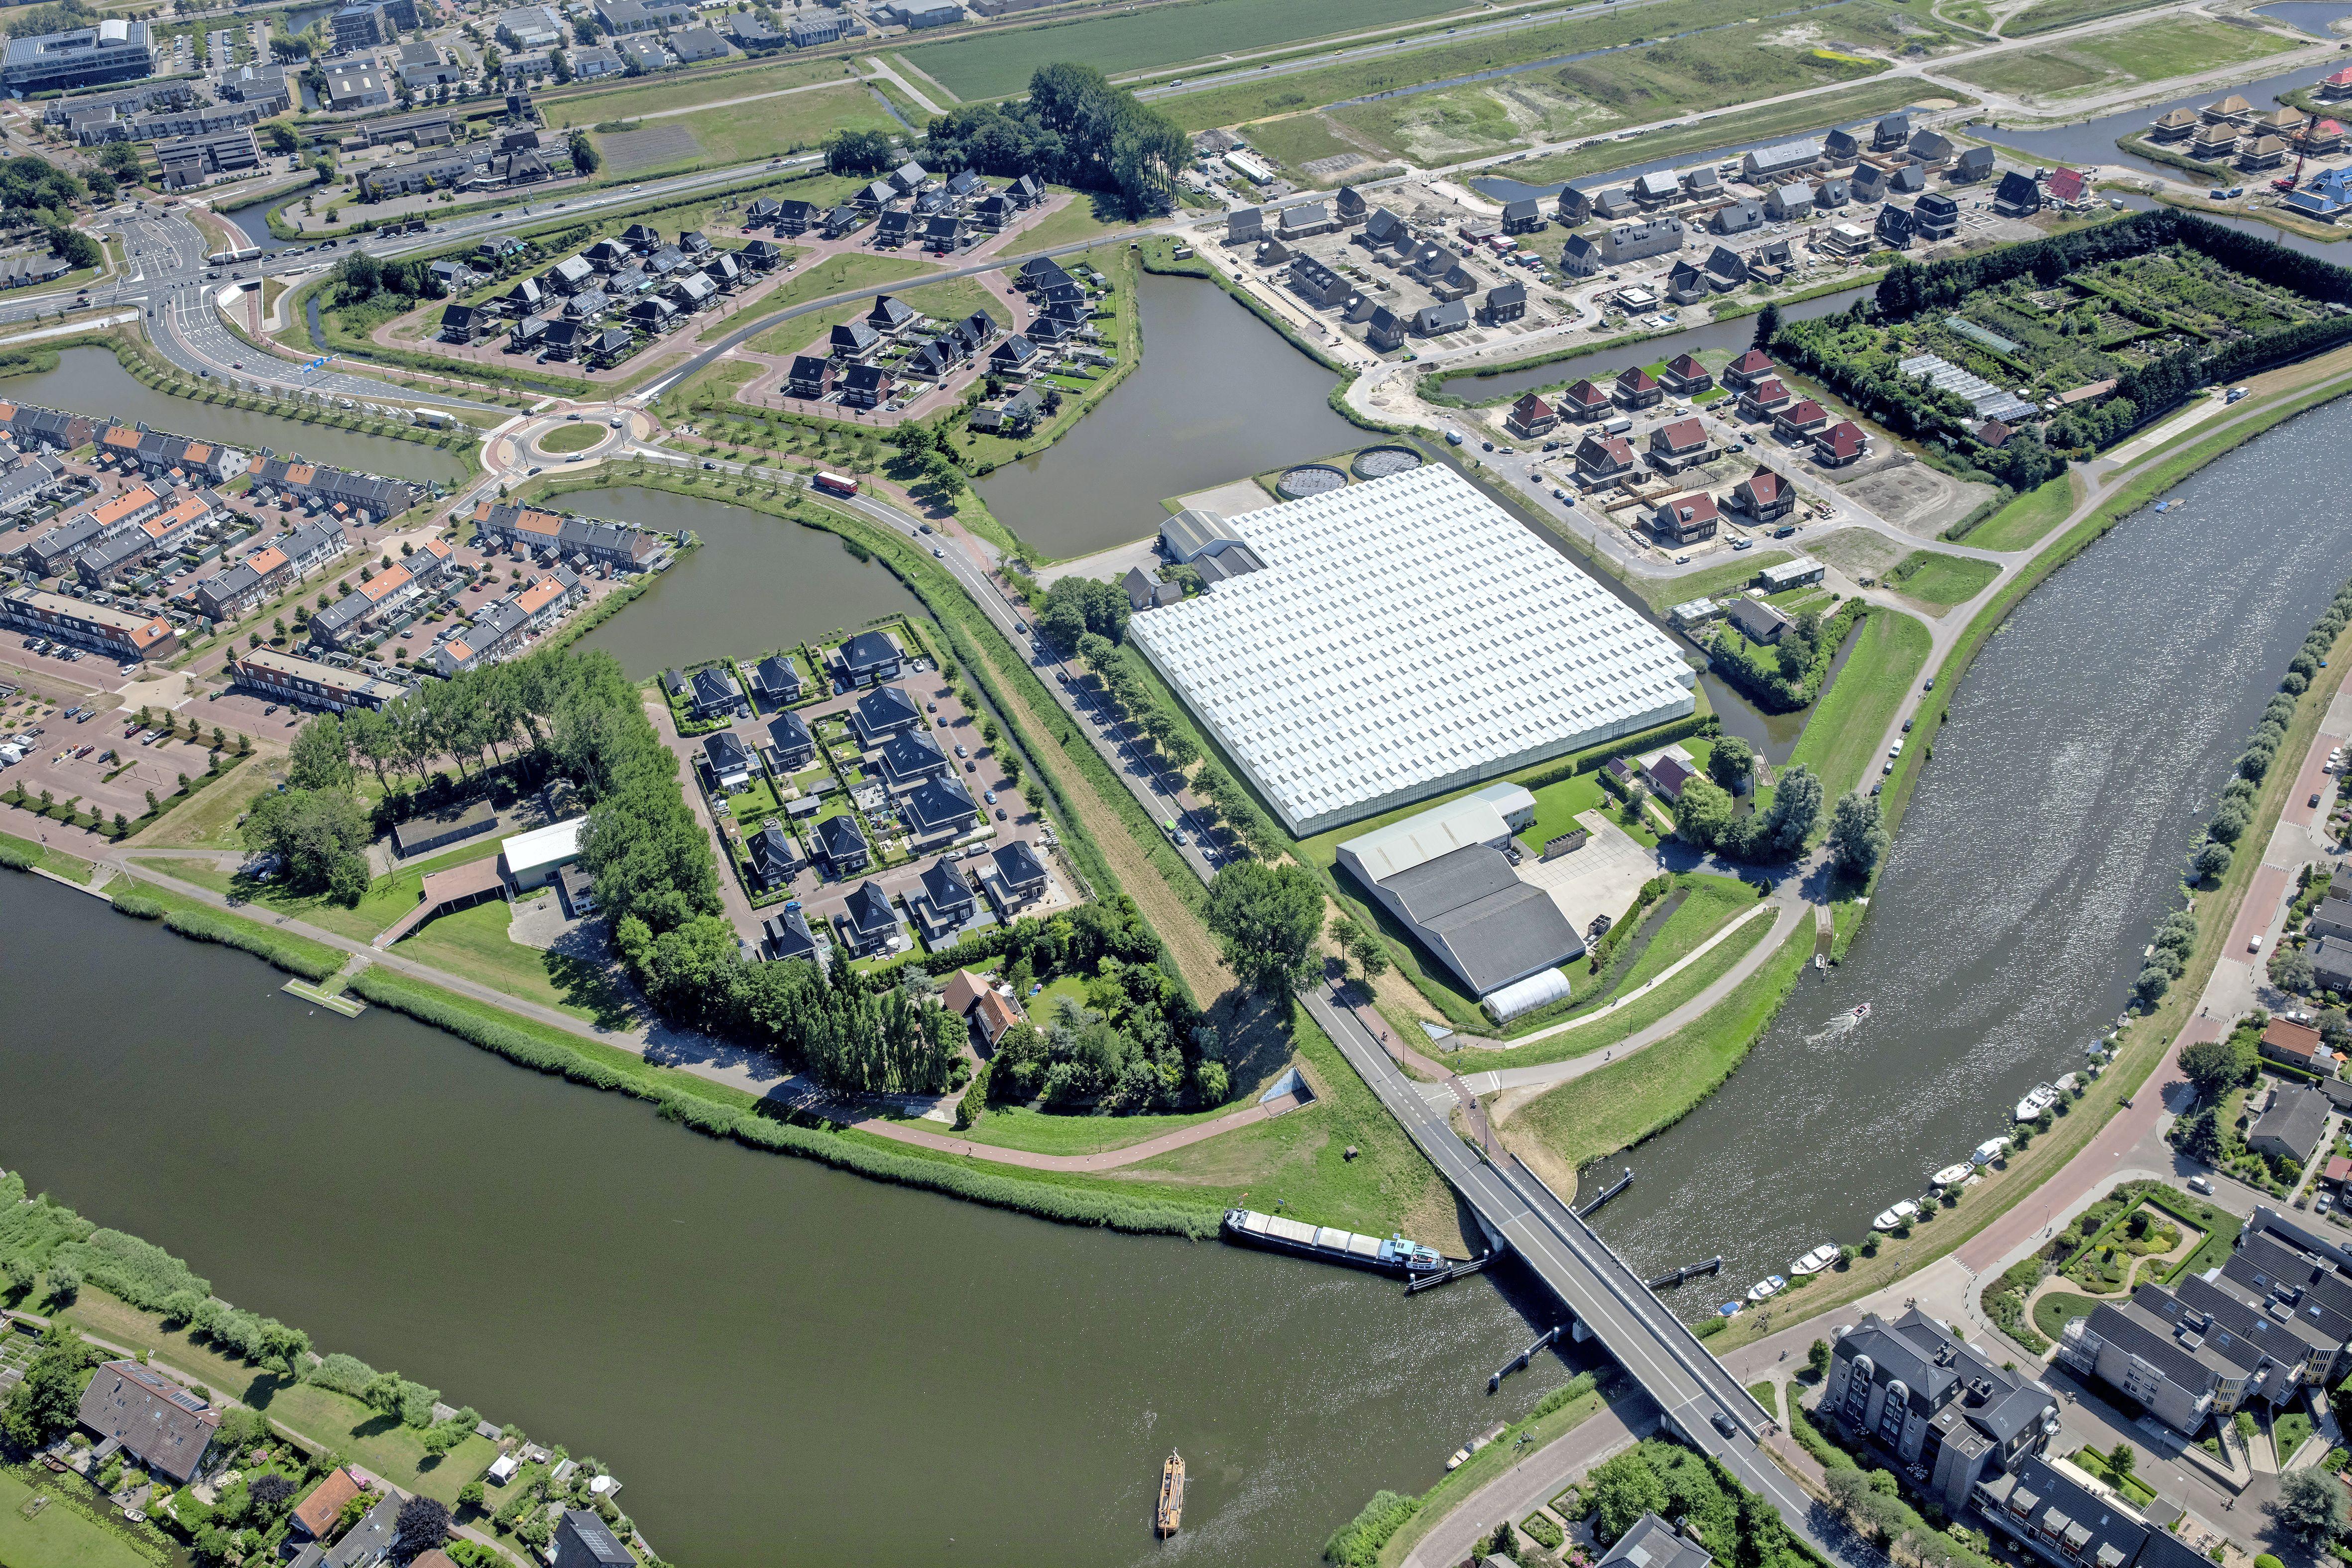 Einde aan levensgevaarlijke situatie op de Westdijk in Heerhugowaard. Er komt eenrichtingsverkeer voor lage auto's. In 2018 kwam er nog een motorrijder om het leven